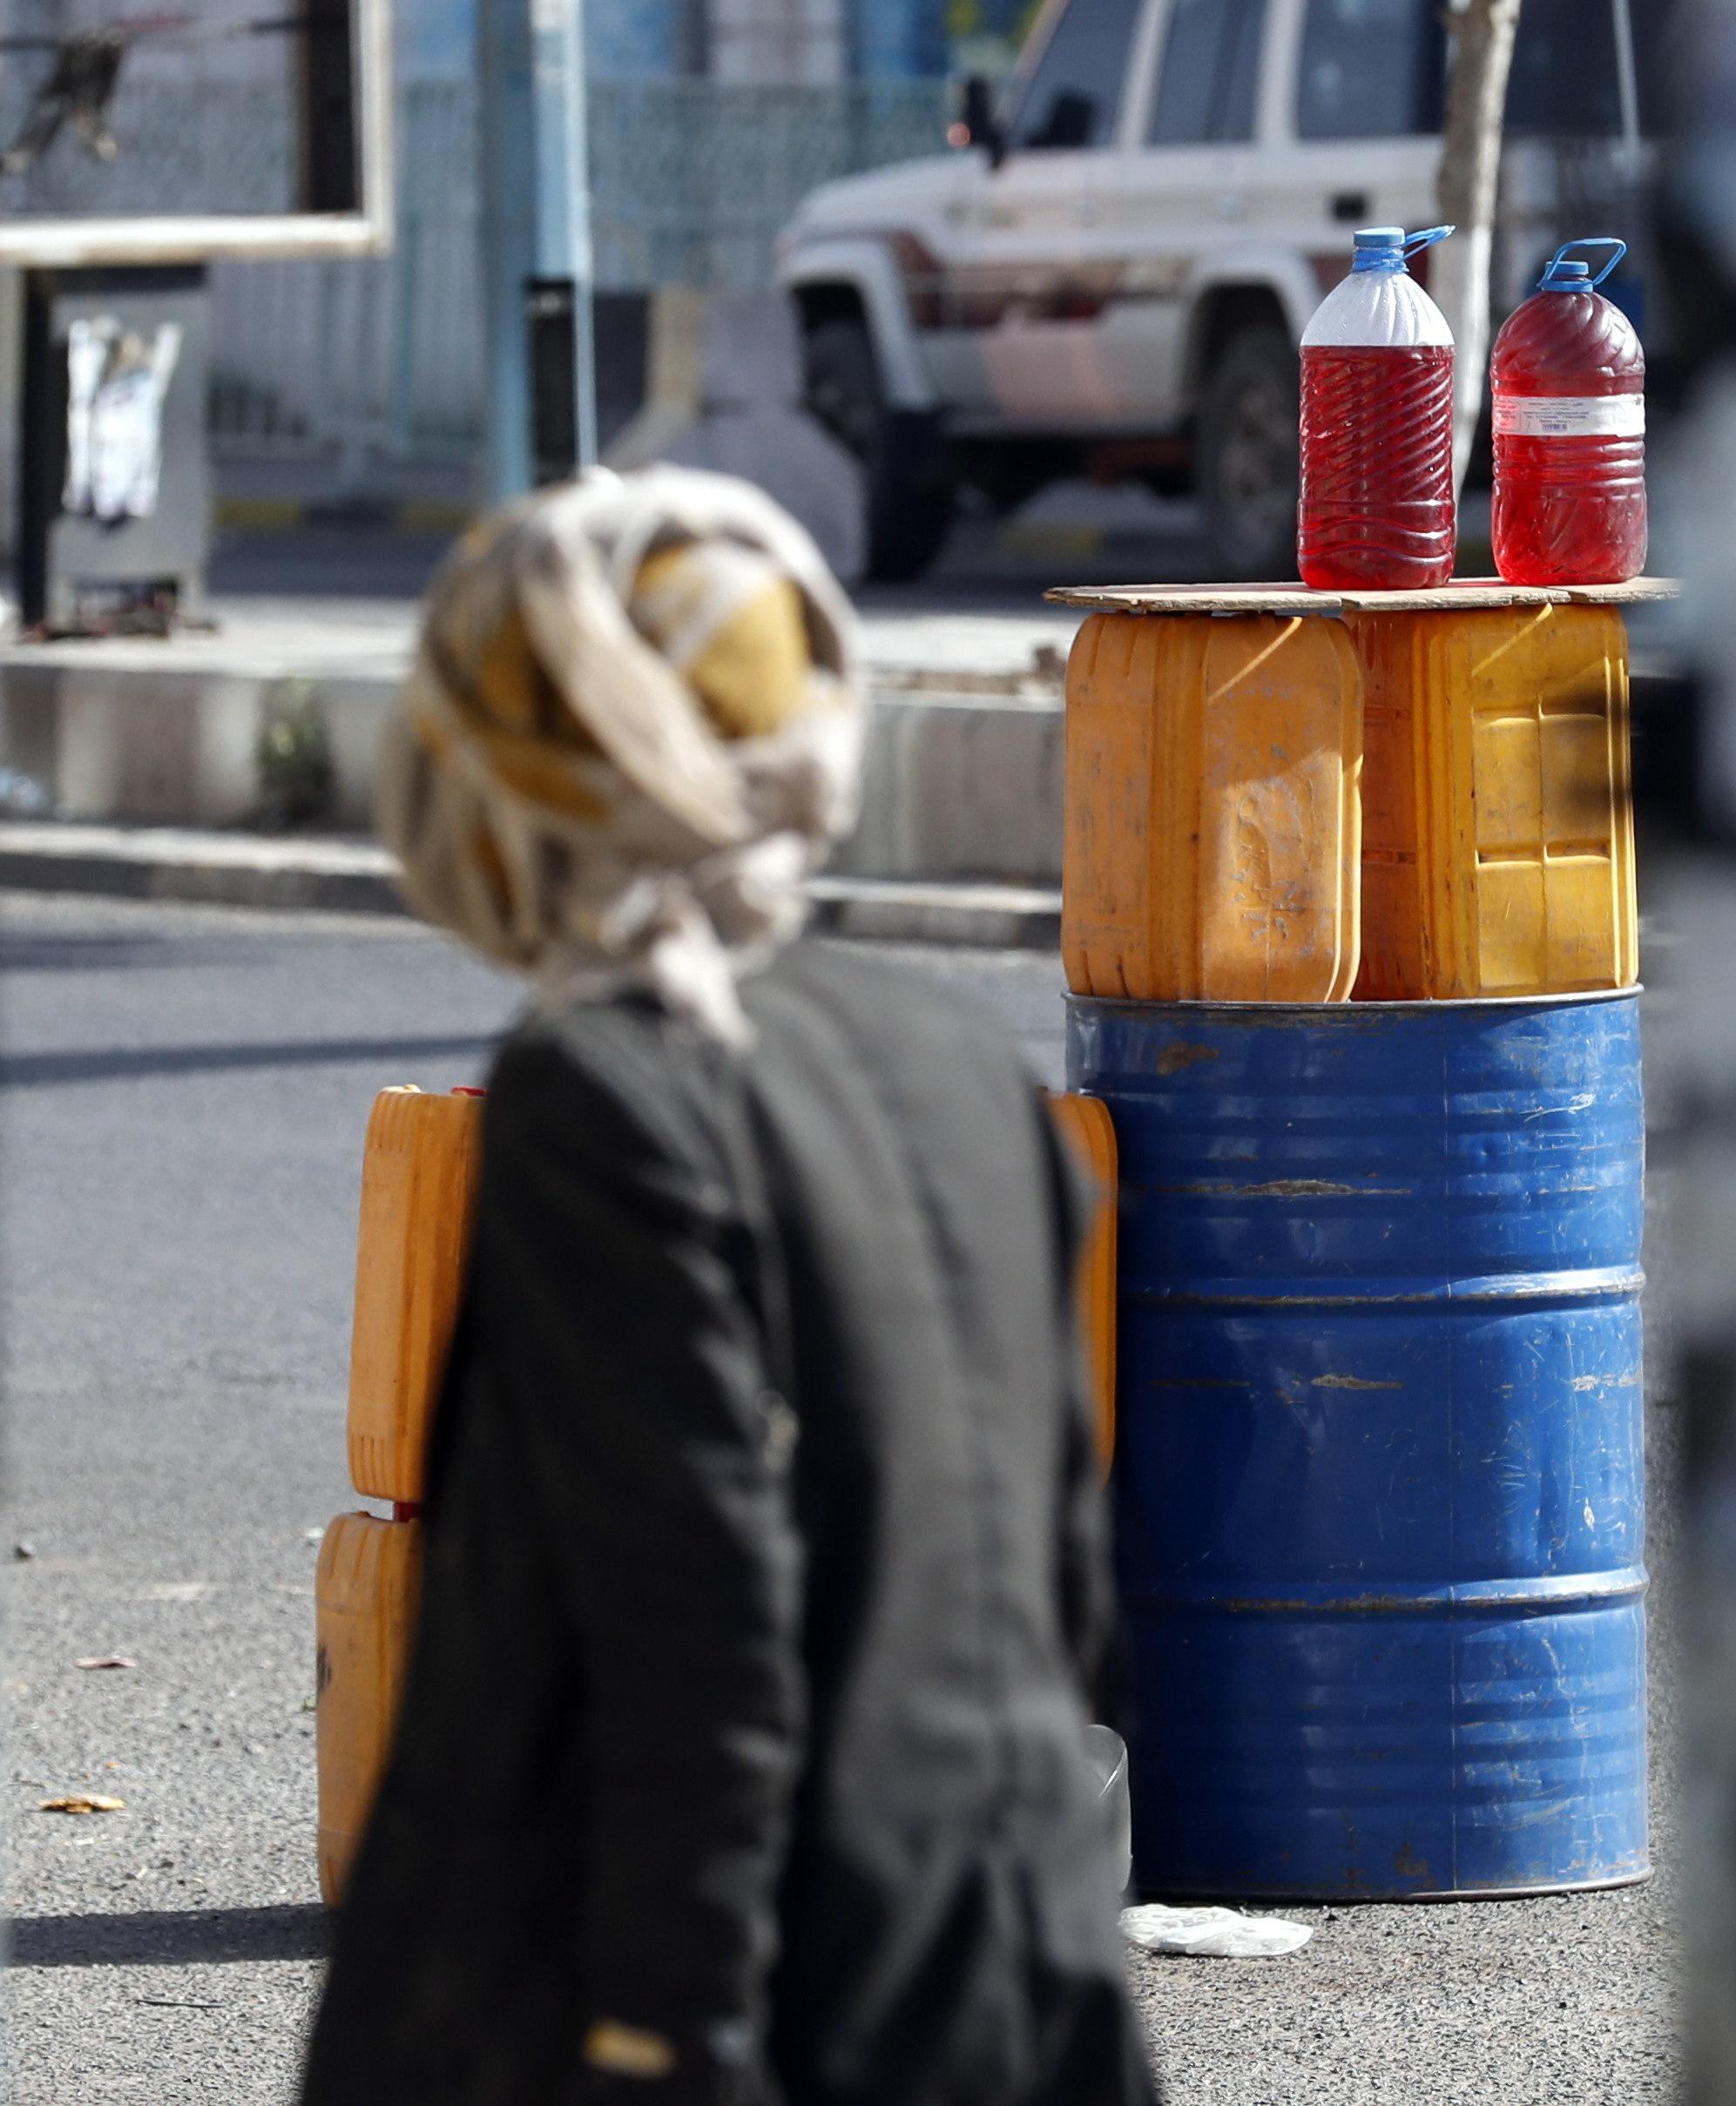 Un yemení camina junto a unos barriles de petróleo de venta en la calle.